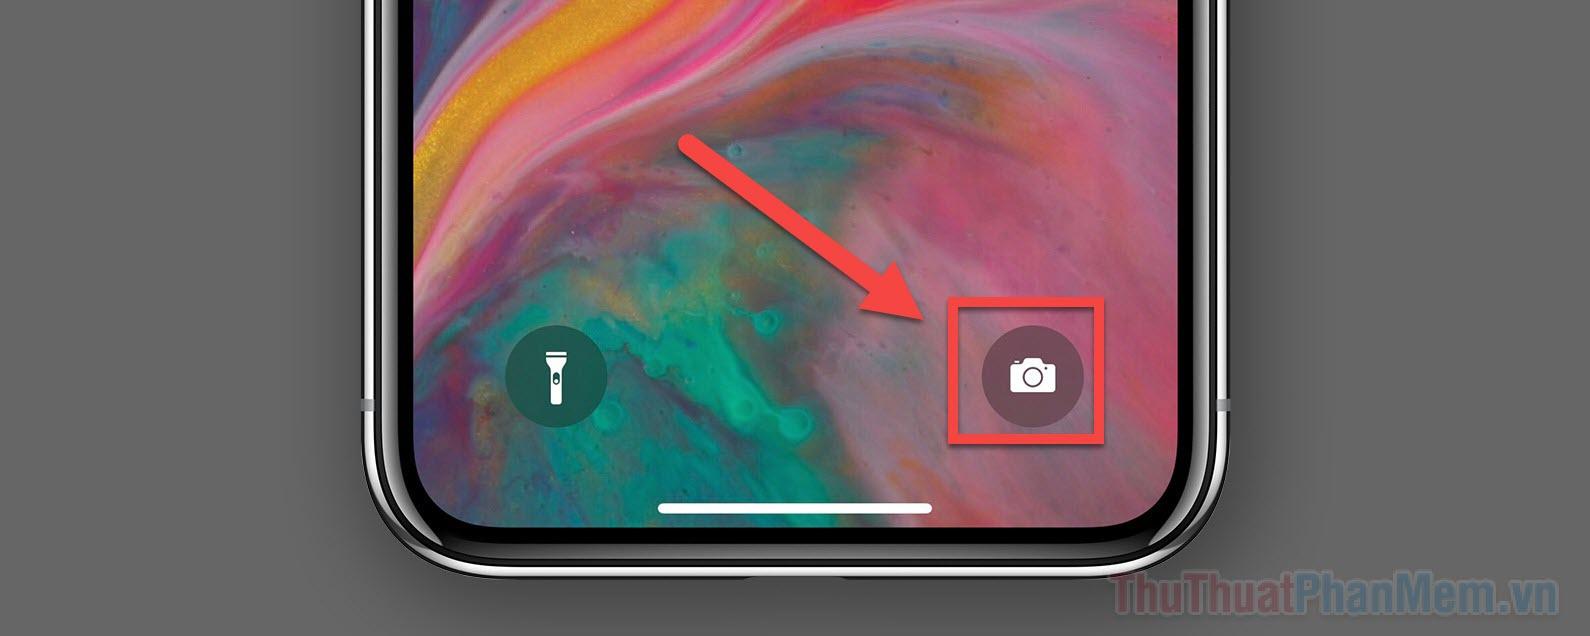 Nhấn giữ vào biểu tượng máy ảnh ở góc dưới bên phải